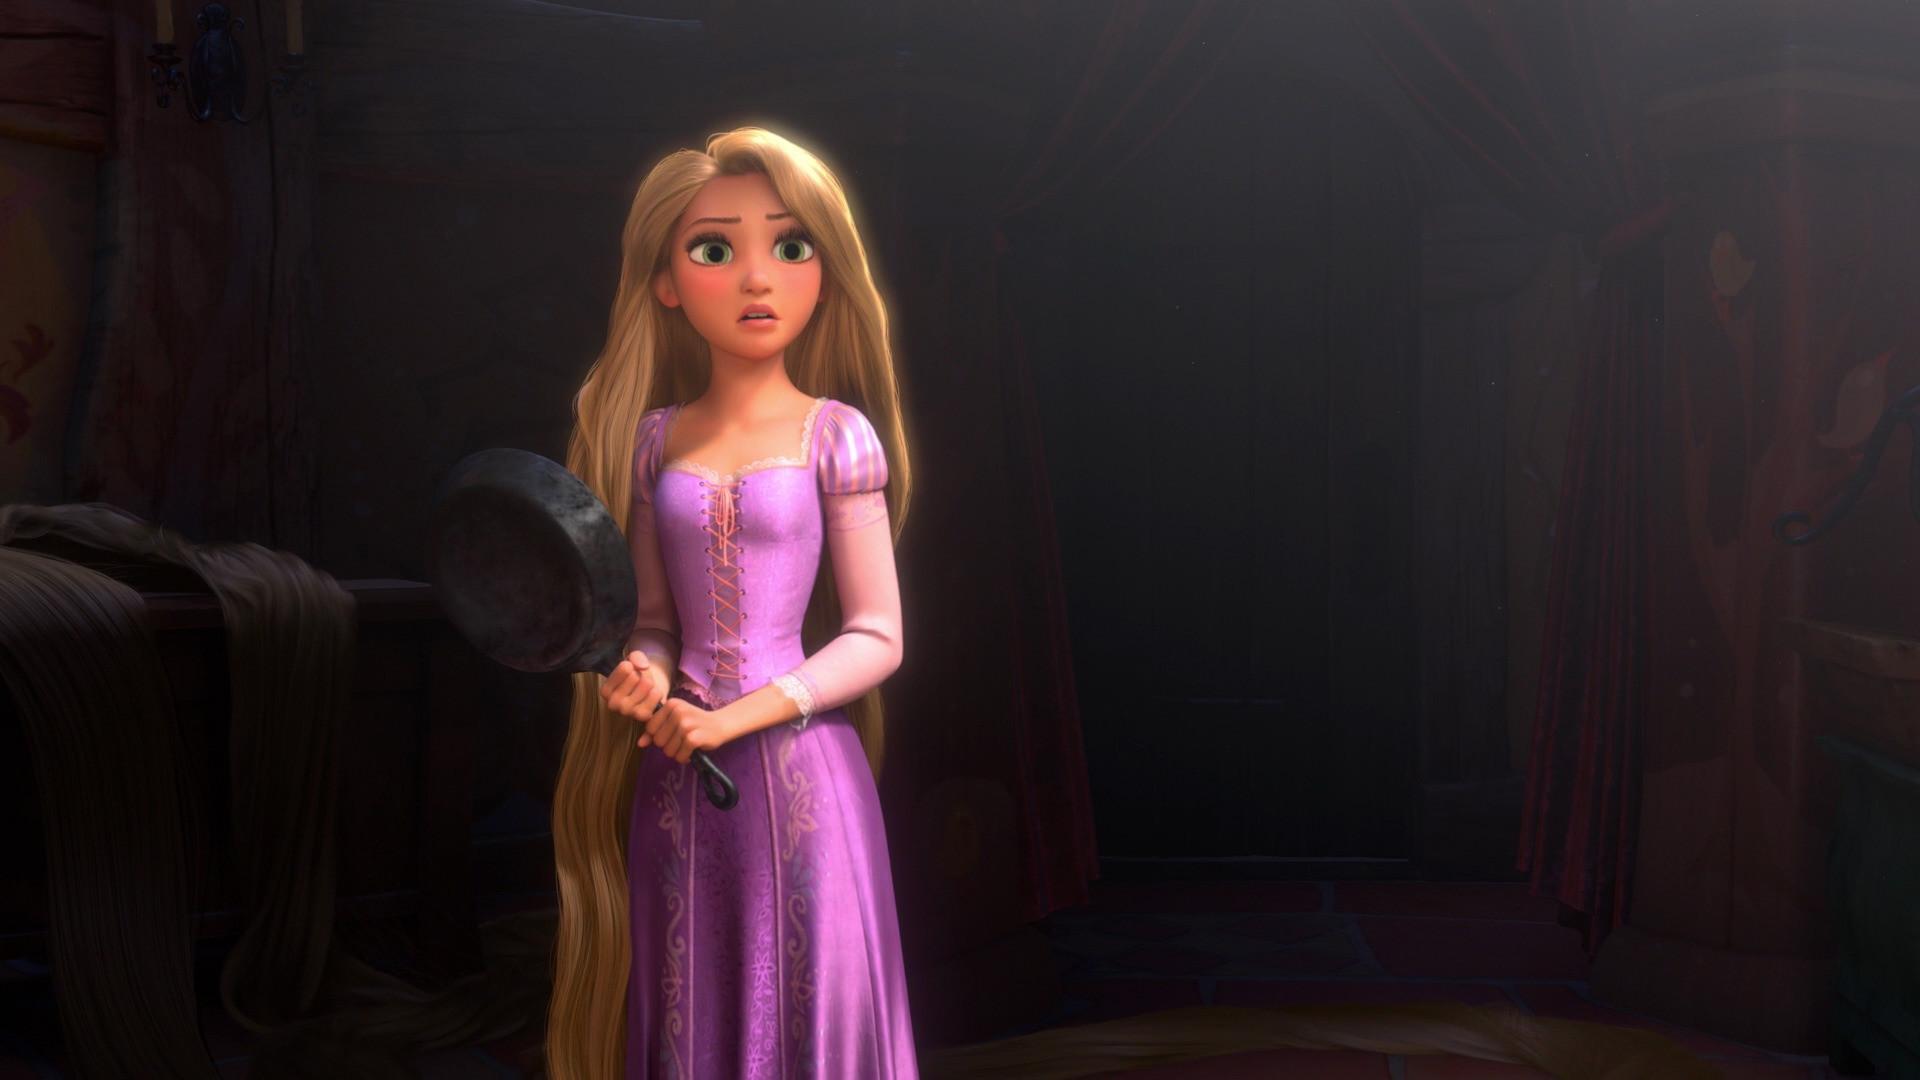 princess rapunzel images Princess Rapunzel – Meet Flynn Rider HD wallpaper  and background photos